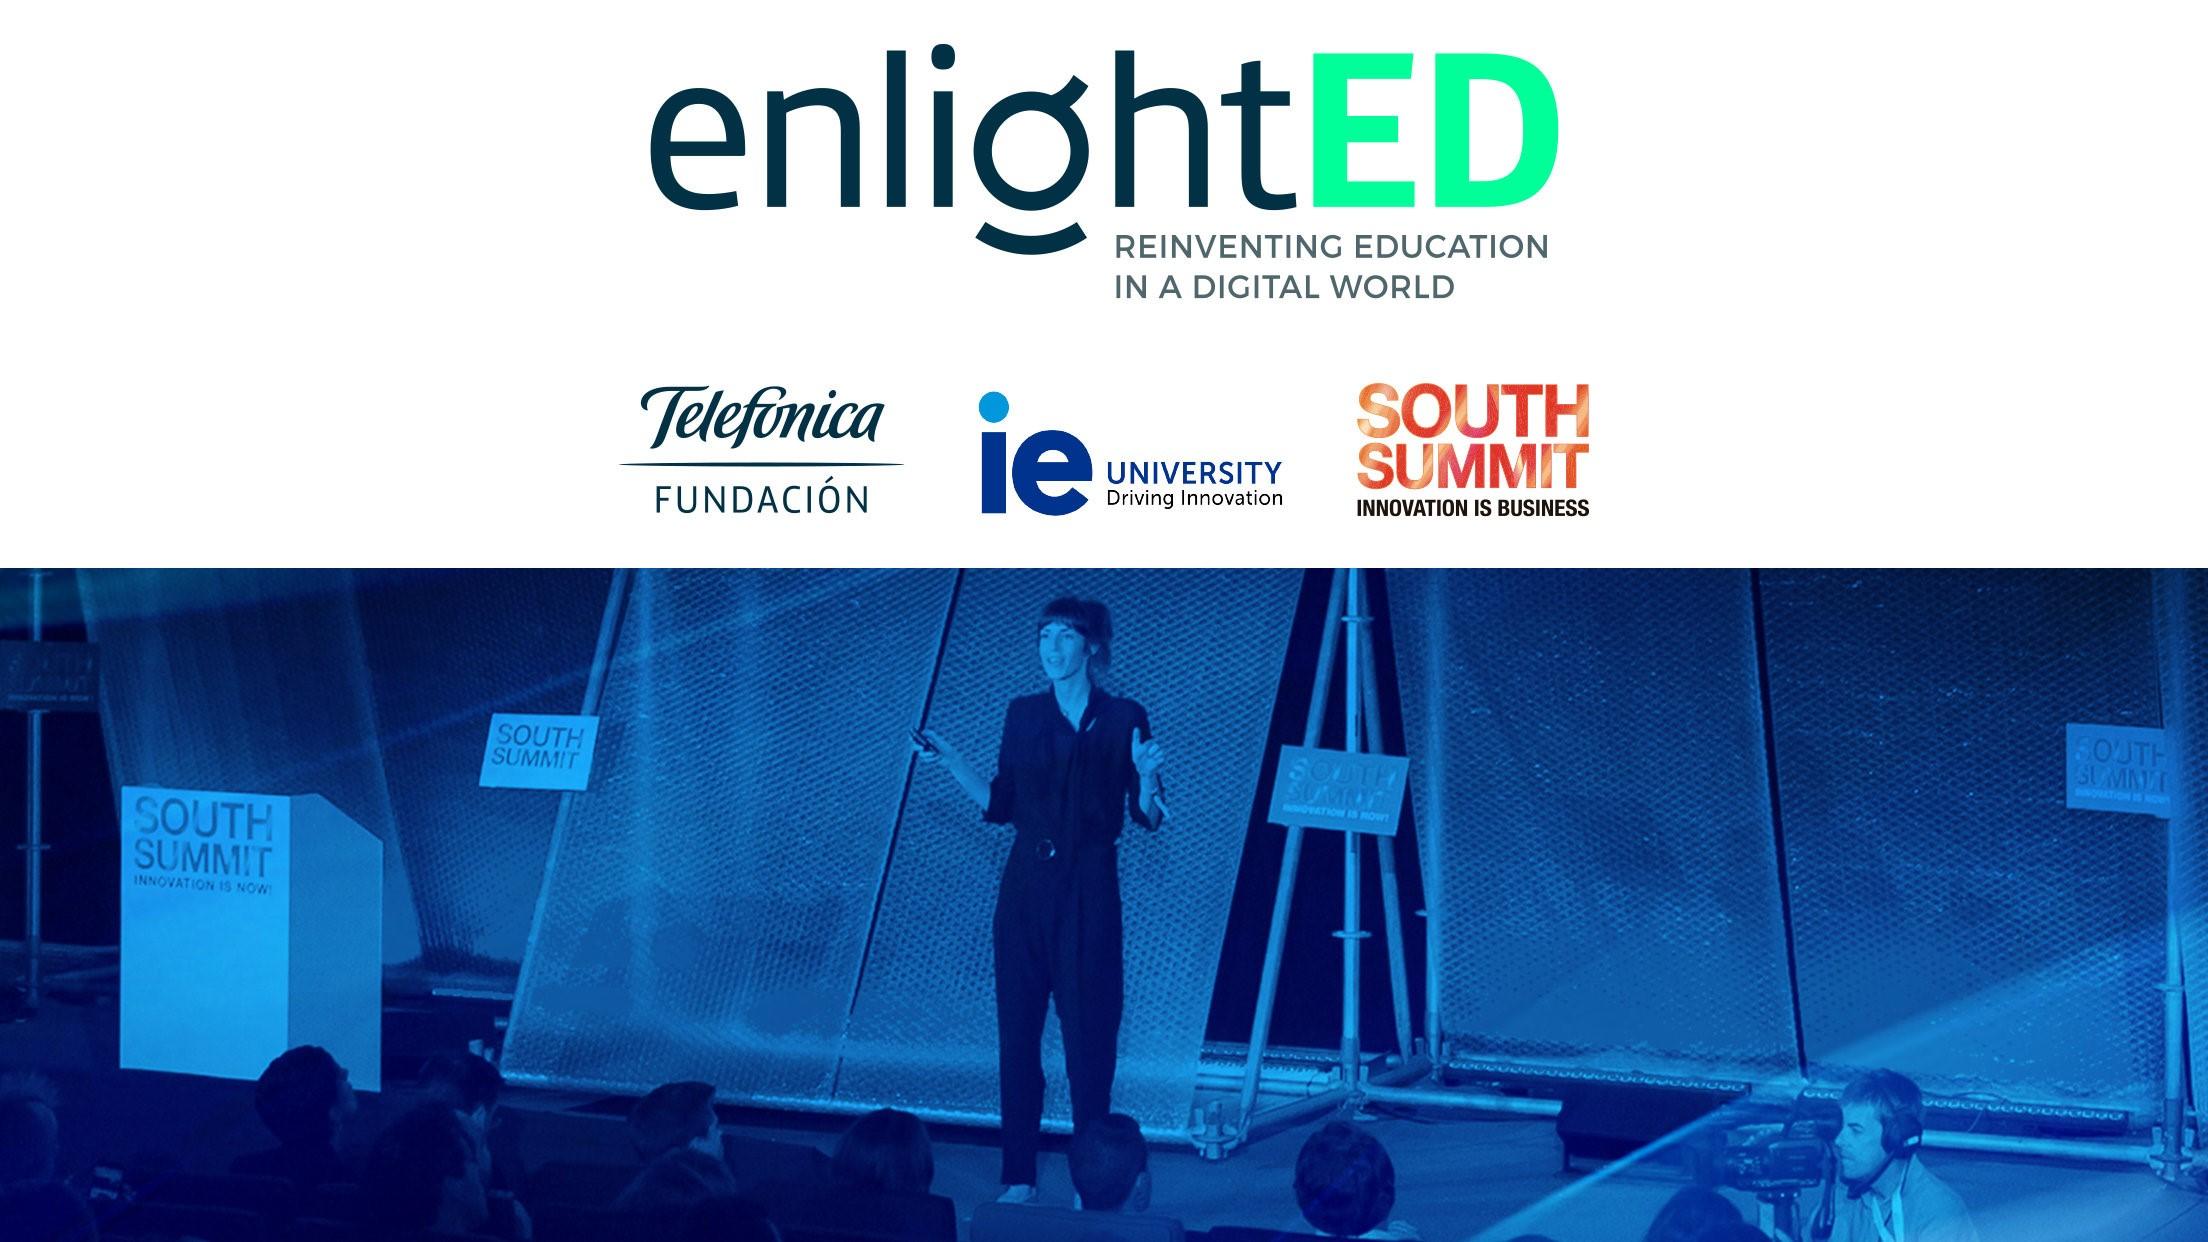 فعالية 2018 South : مؤتمر EnlightenED